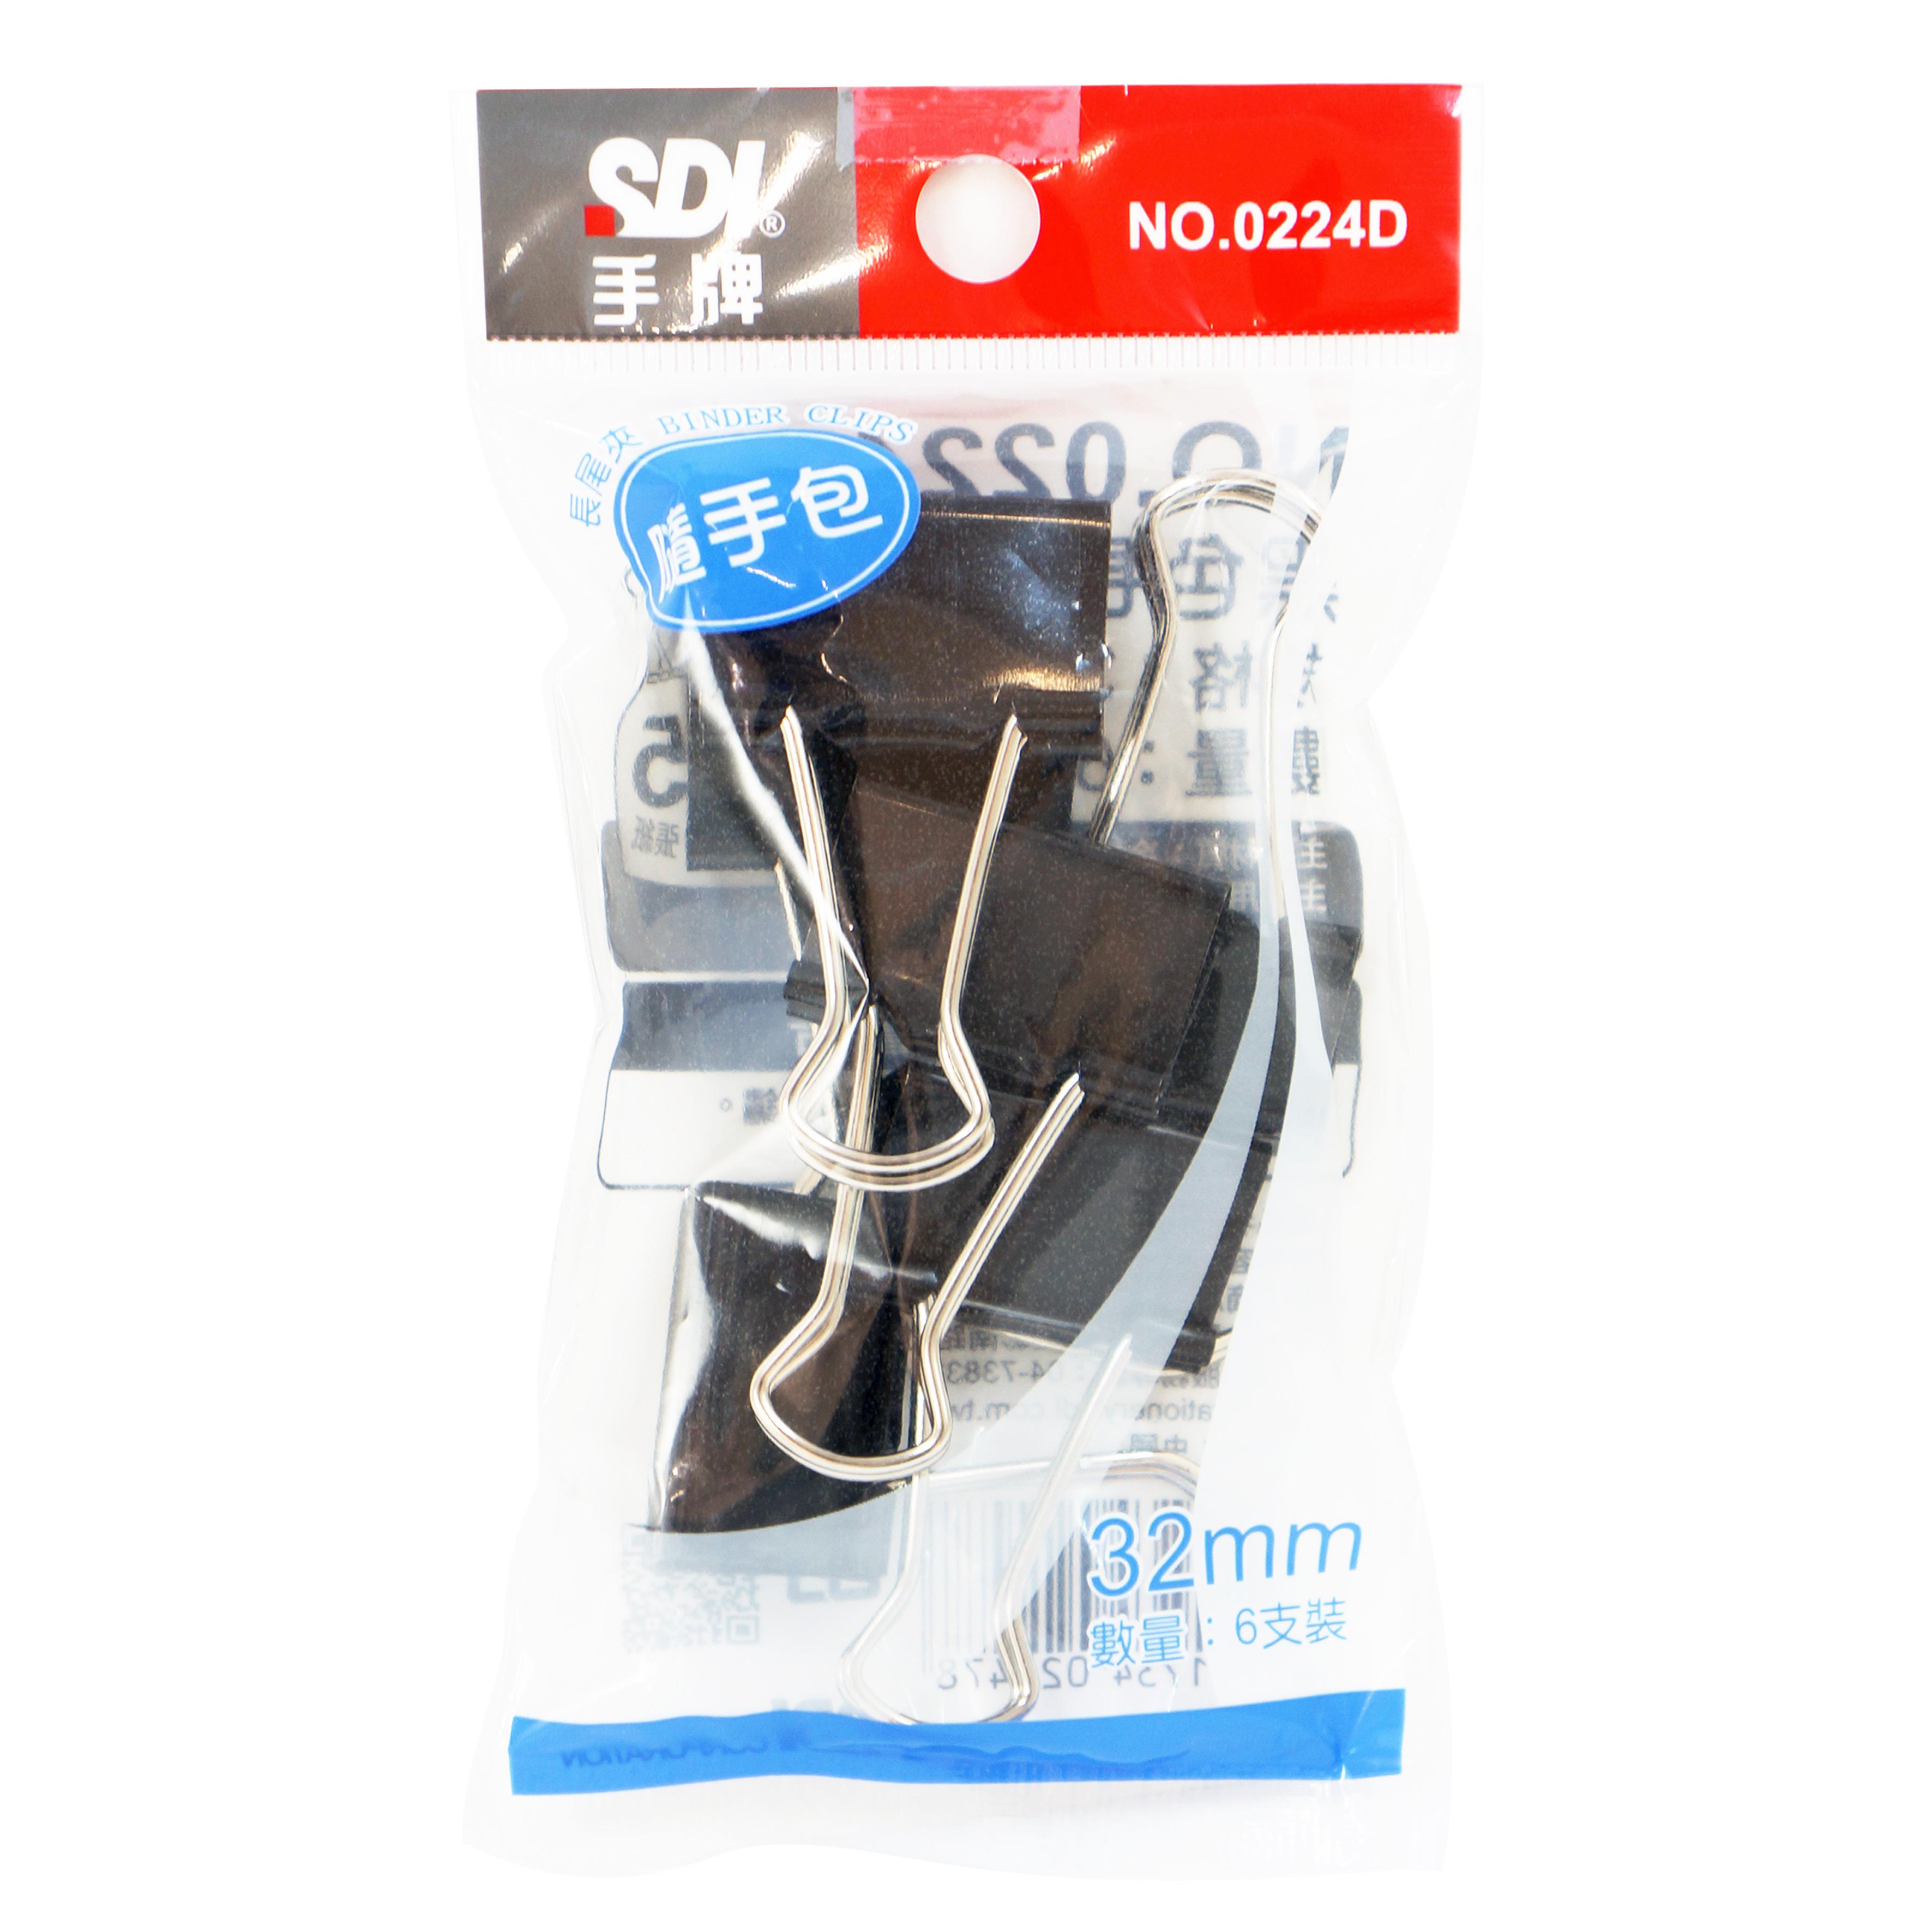 袋裝-黑色長尾夾32mm(6支) 0224D